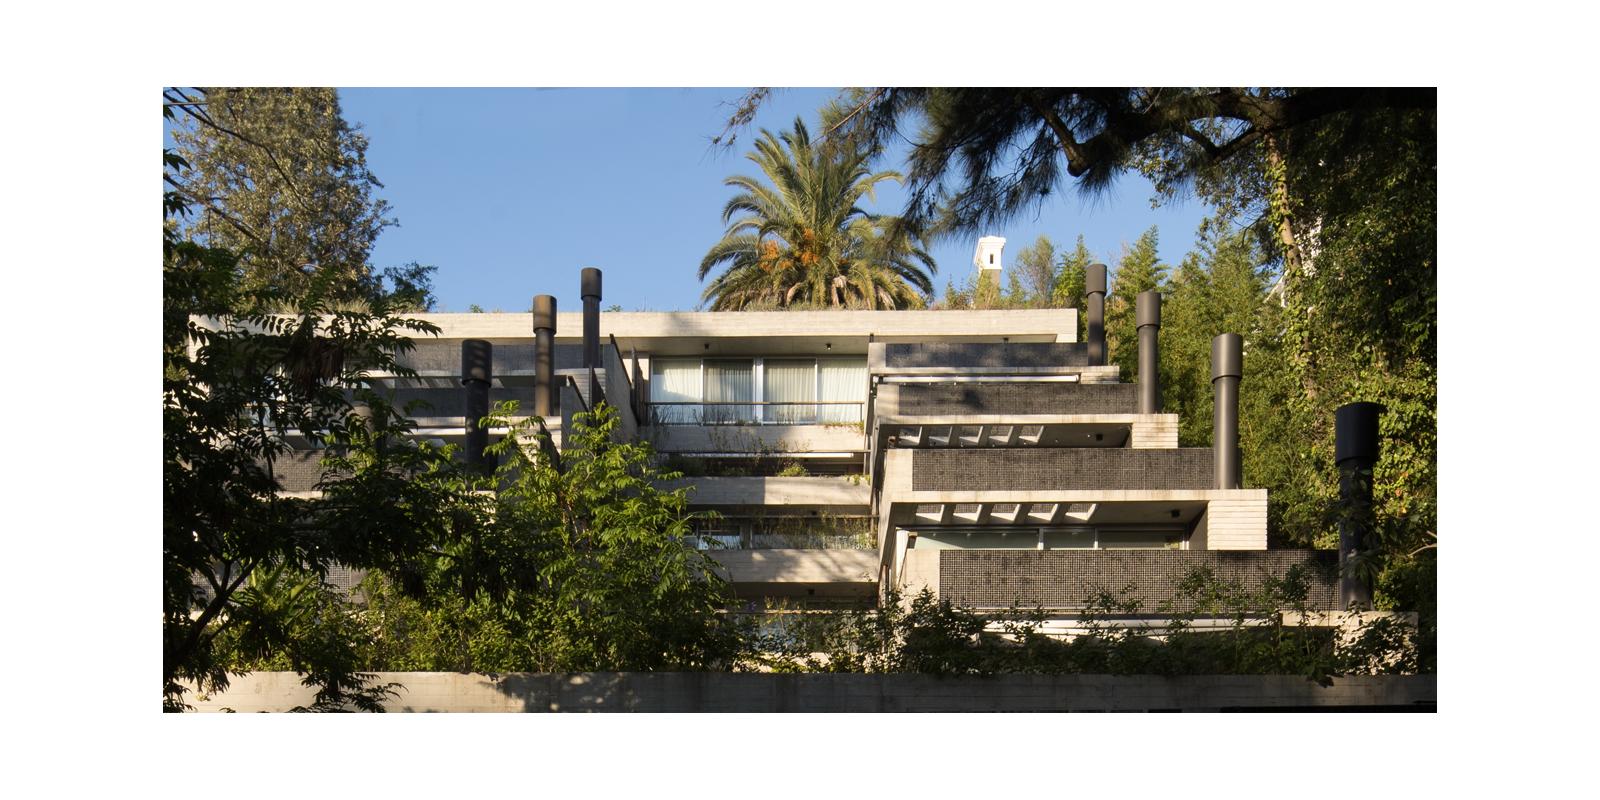 ProyectoC_Arquitectos_Portfolio_04_Anima